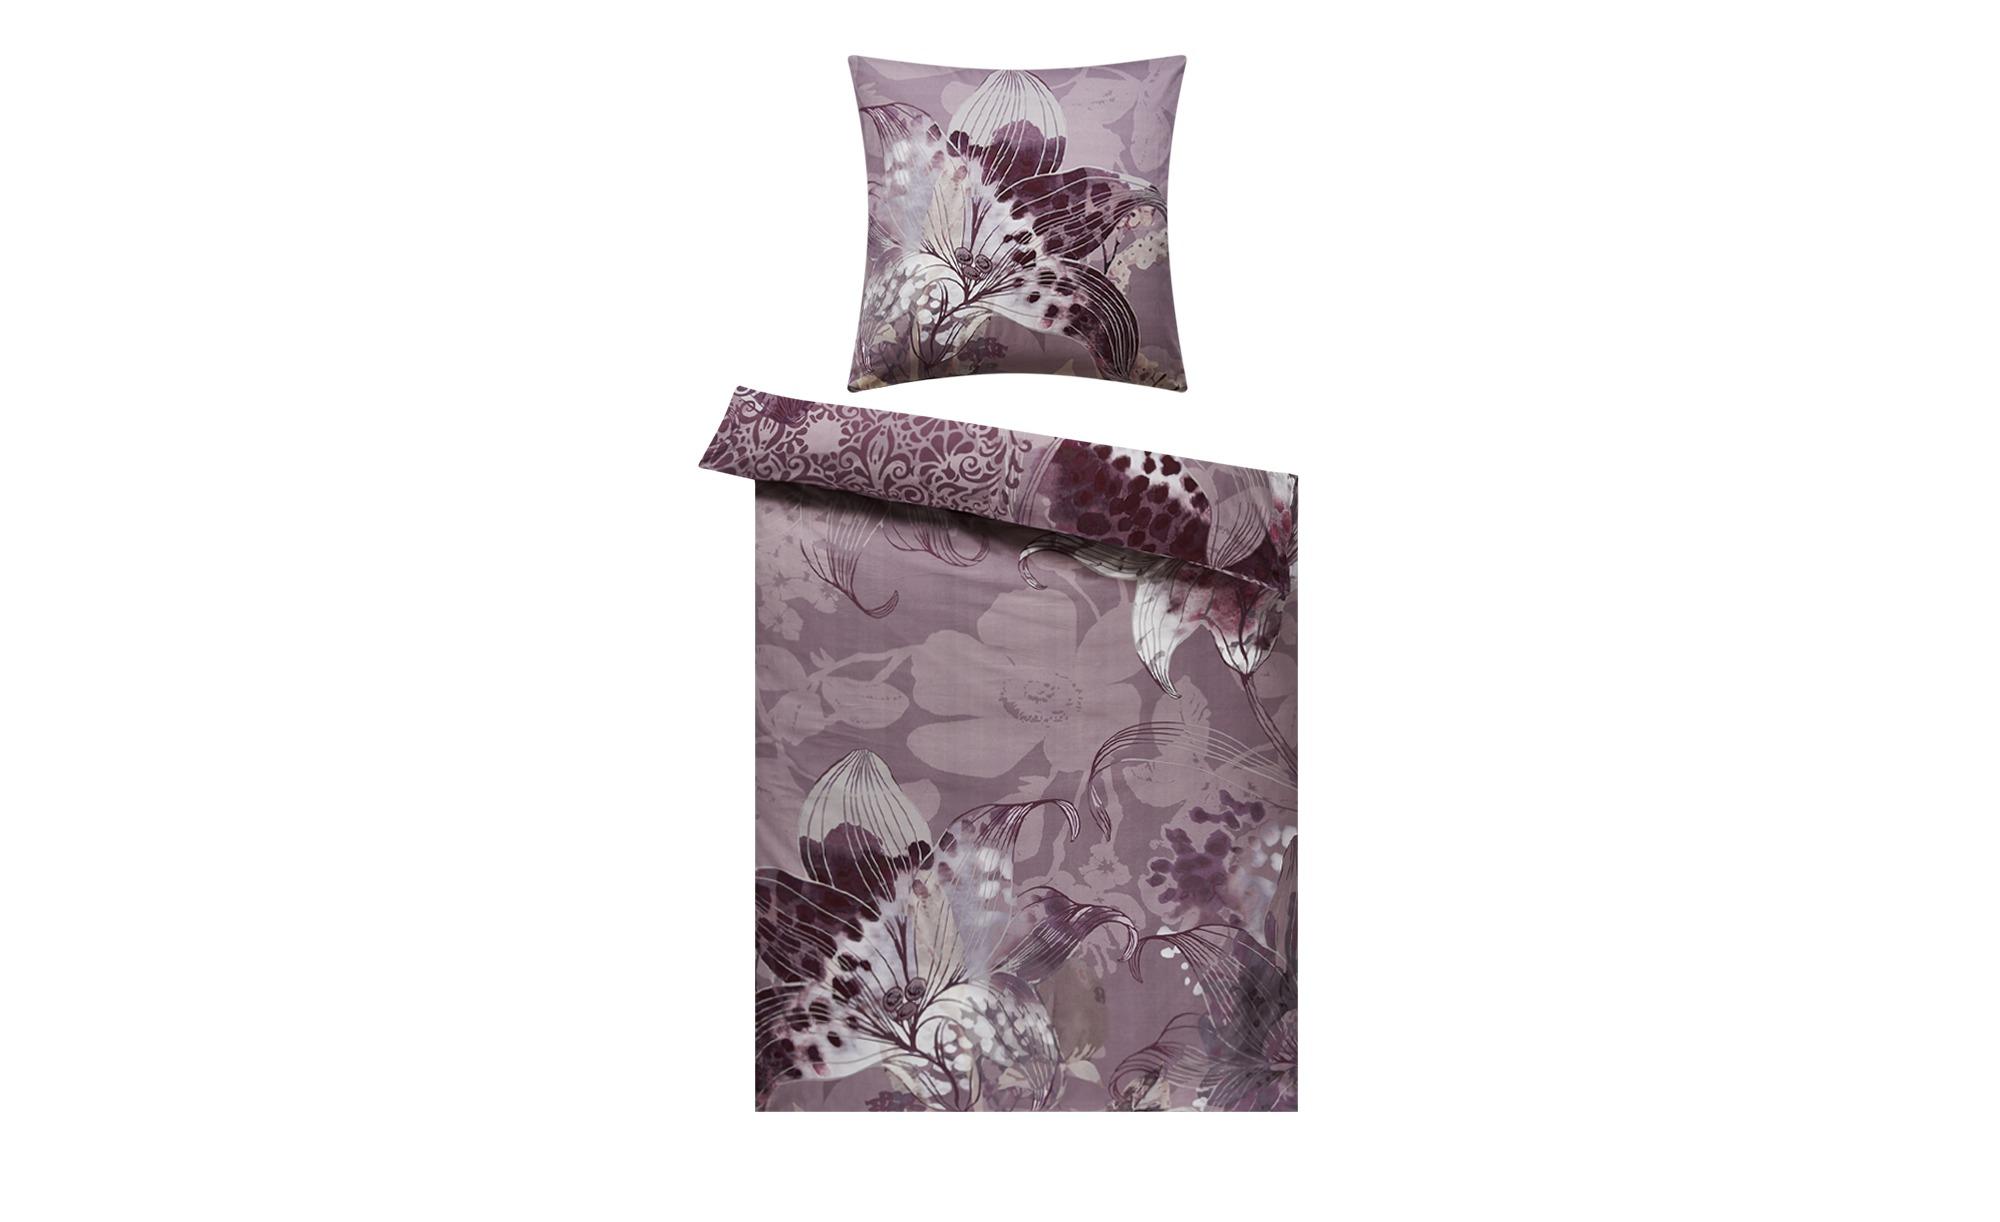 Biber Bettwäsche  Lilie ¦ lila/violett ¦ 100% Baumwolle ¦ Maße (cm): B: 135 Bettwaren > Bettwäsche-Sets > weitere Bettwäschesets - Höffner